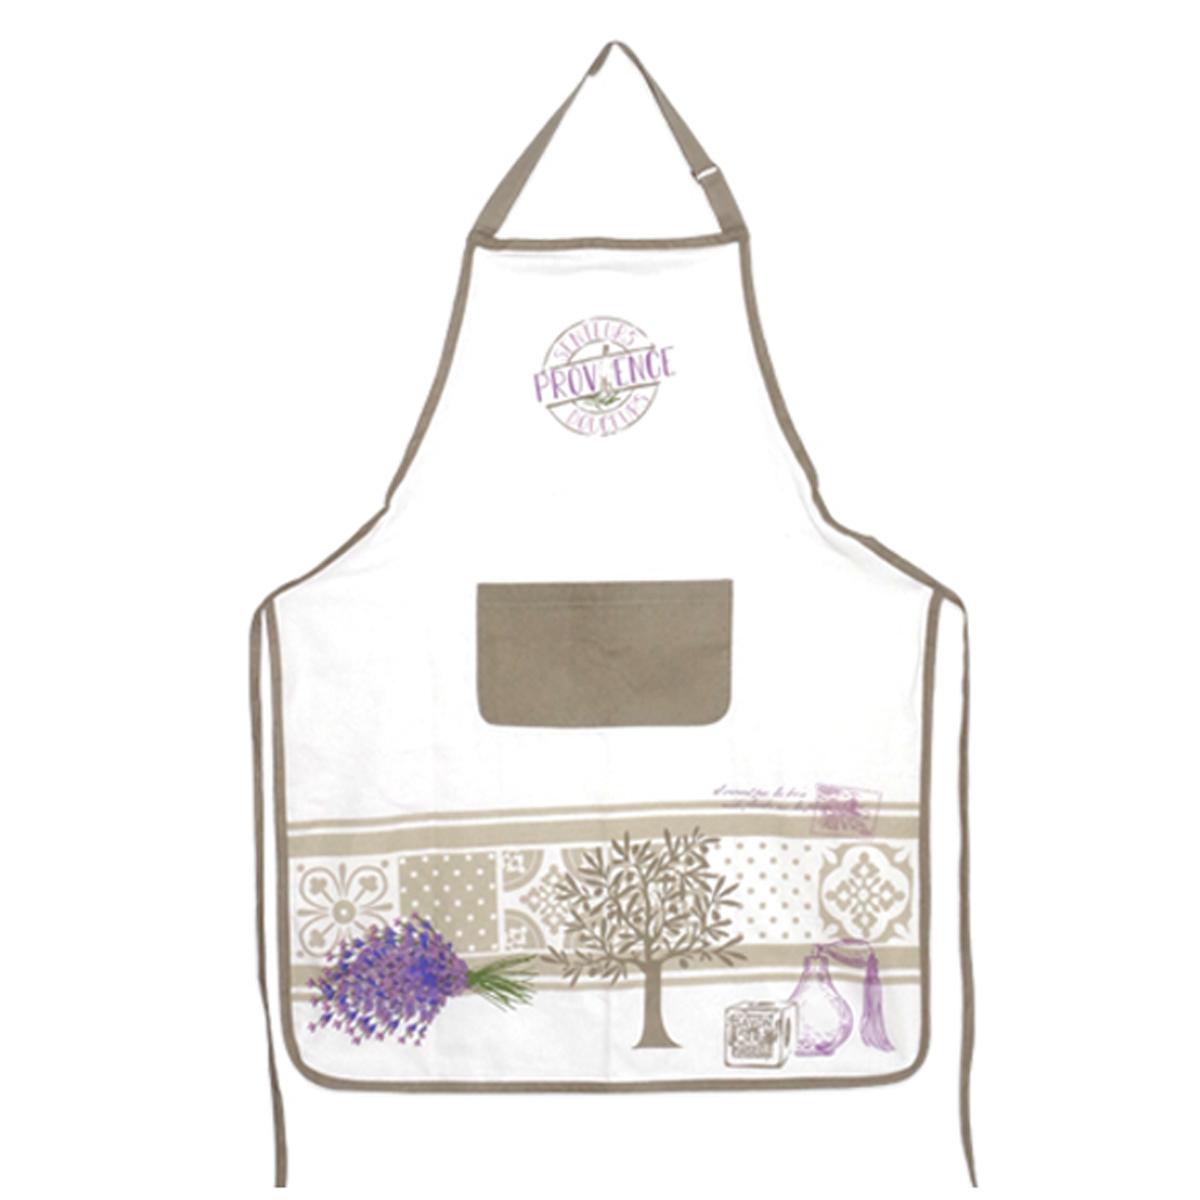 Tablier de cuisine coton \'Provence\' taupe violet ivoire - 90x70 cm - [A0250]